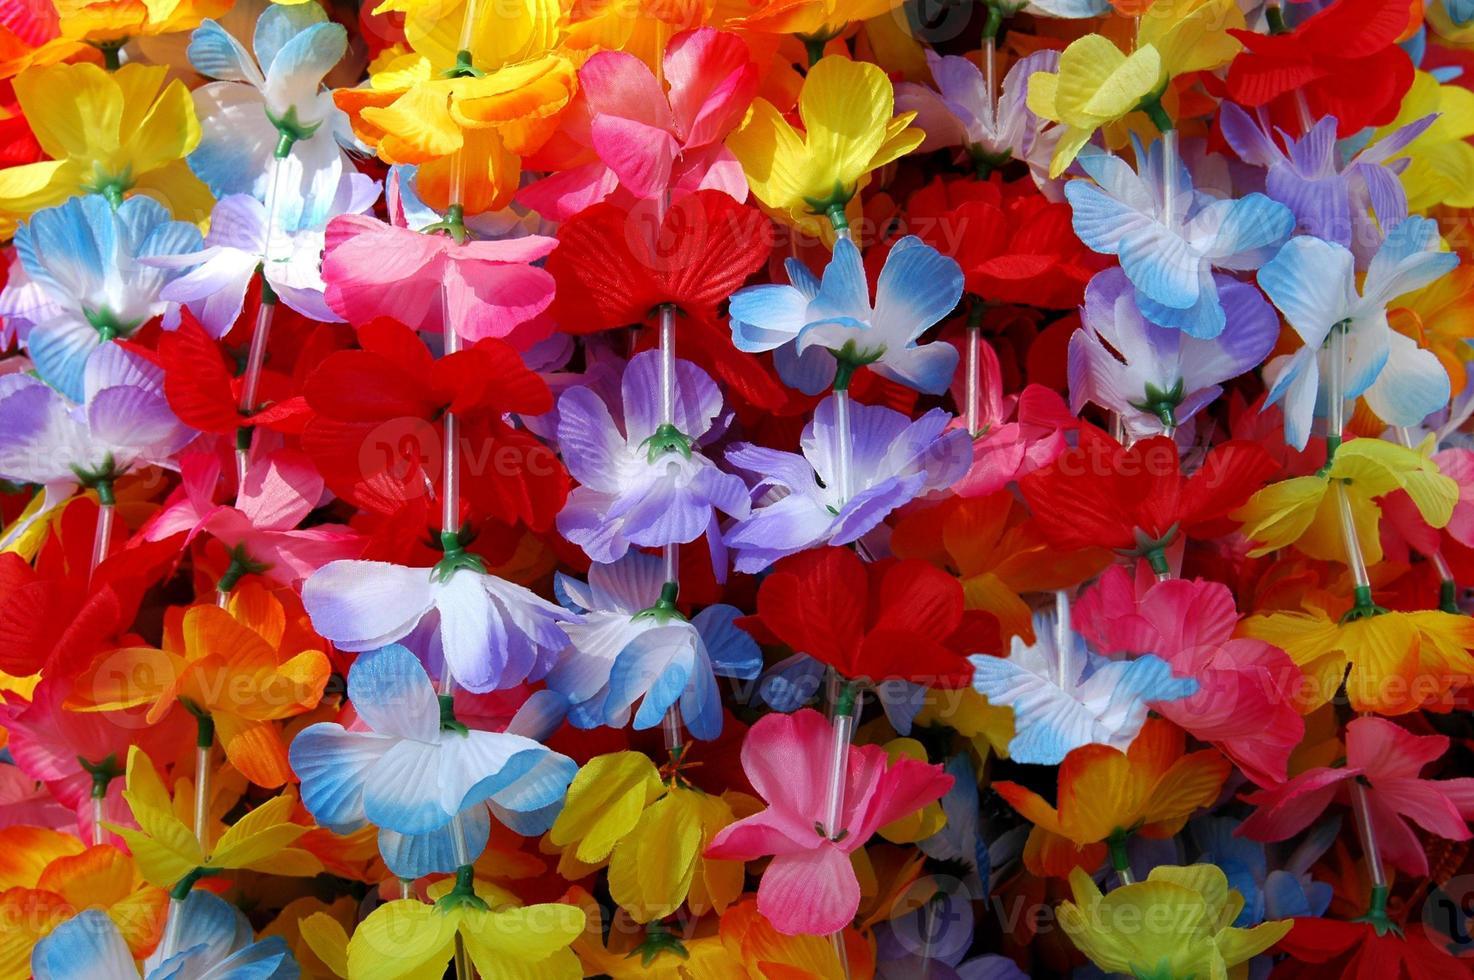 leis colorato foto